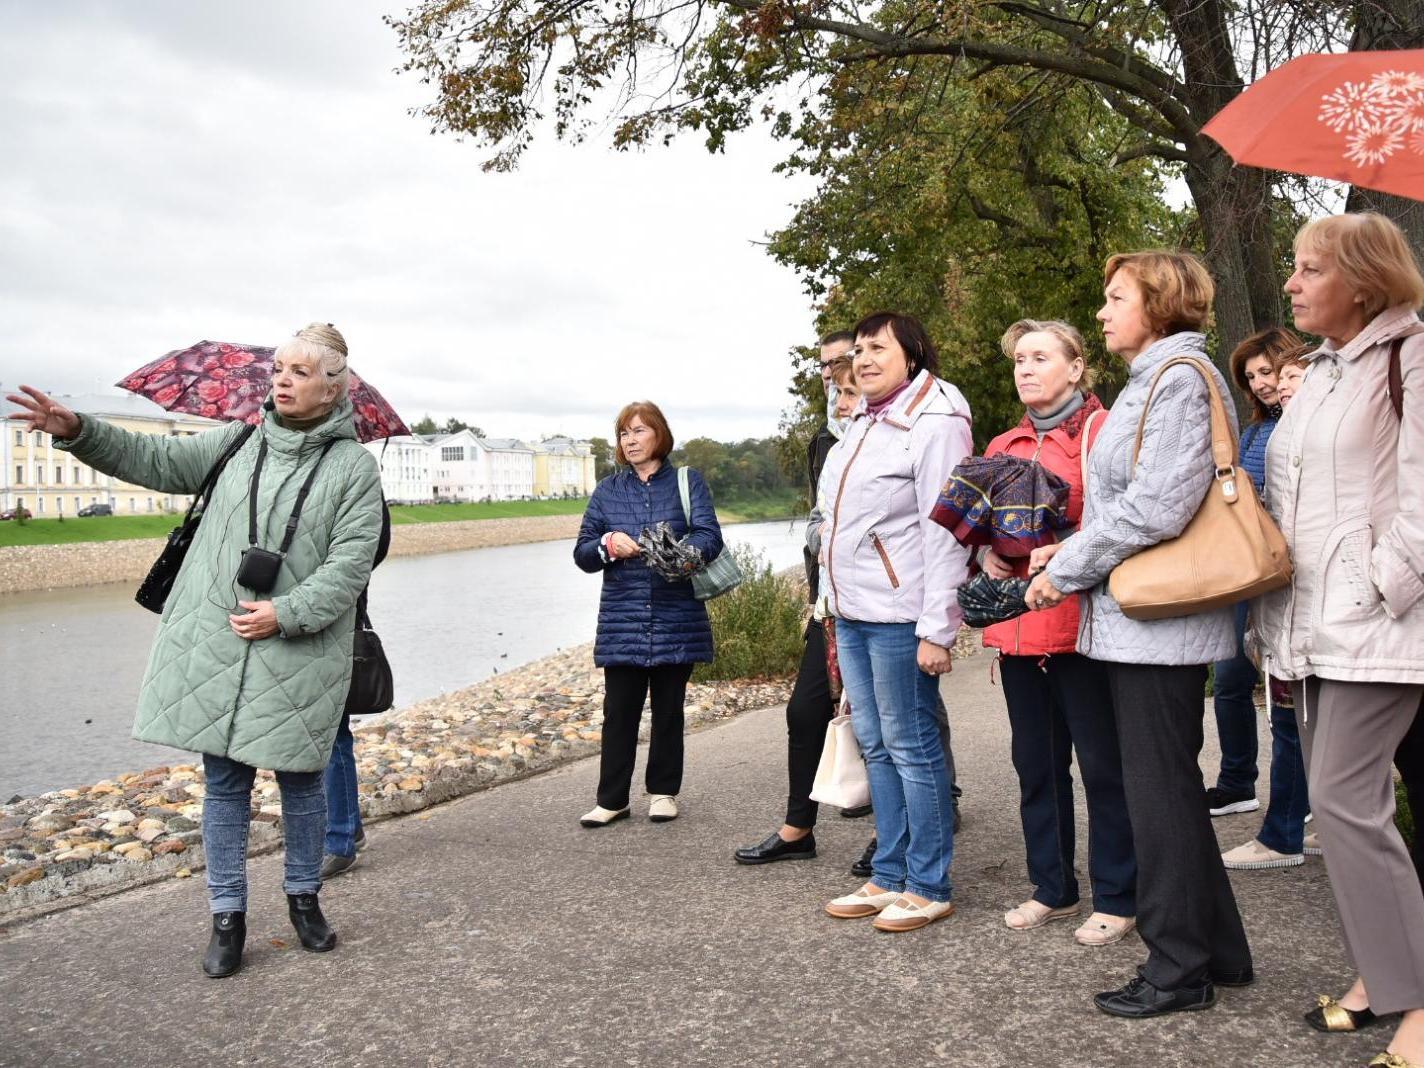 Посетители центра «Забота» считают, что набережная Вологды должна стать центром притяжения людей разного возраста